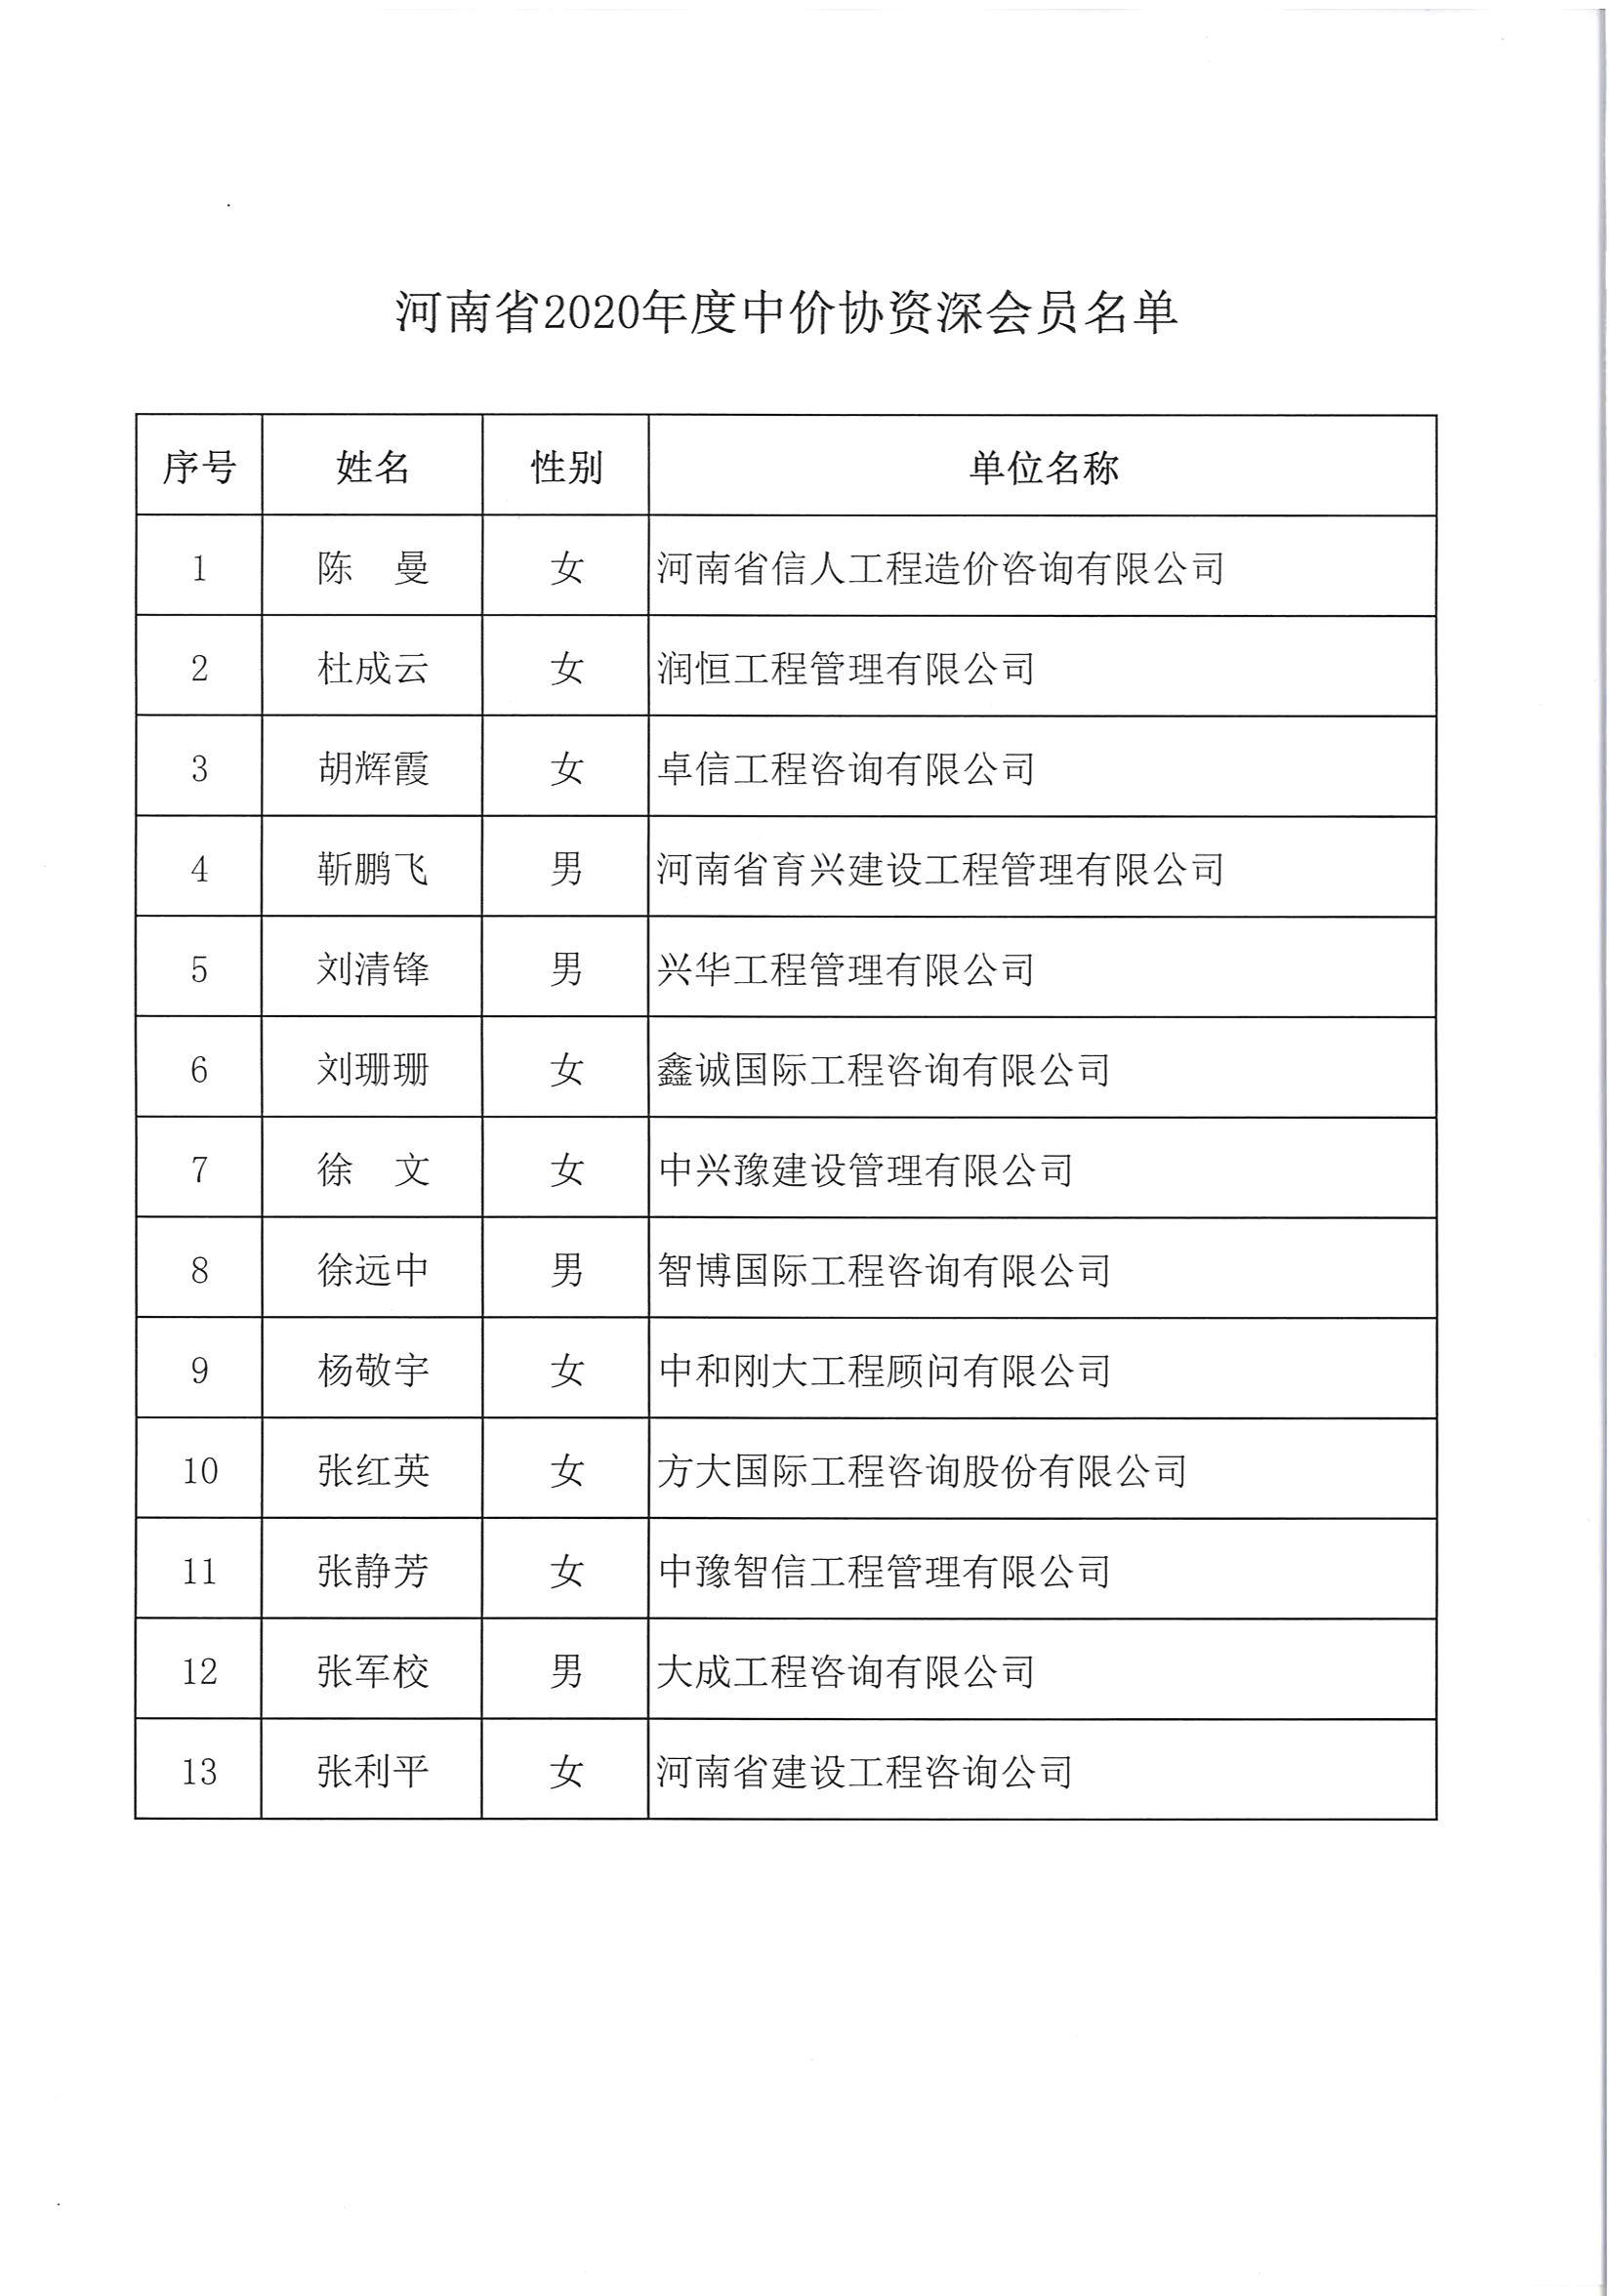 河南省造价信息关于公布河南省2020年度中价协资深会员名单的通知